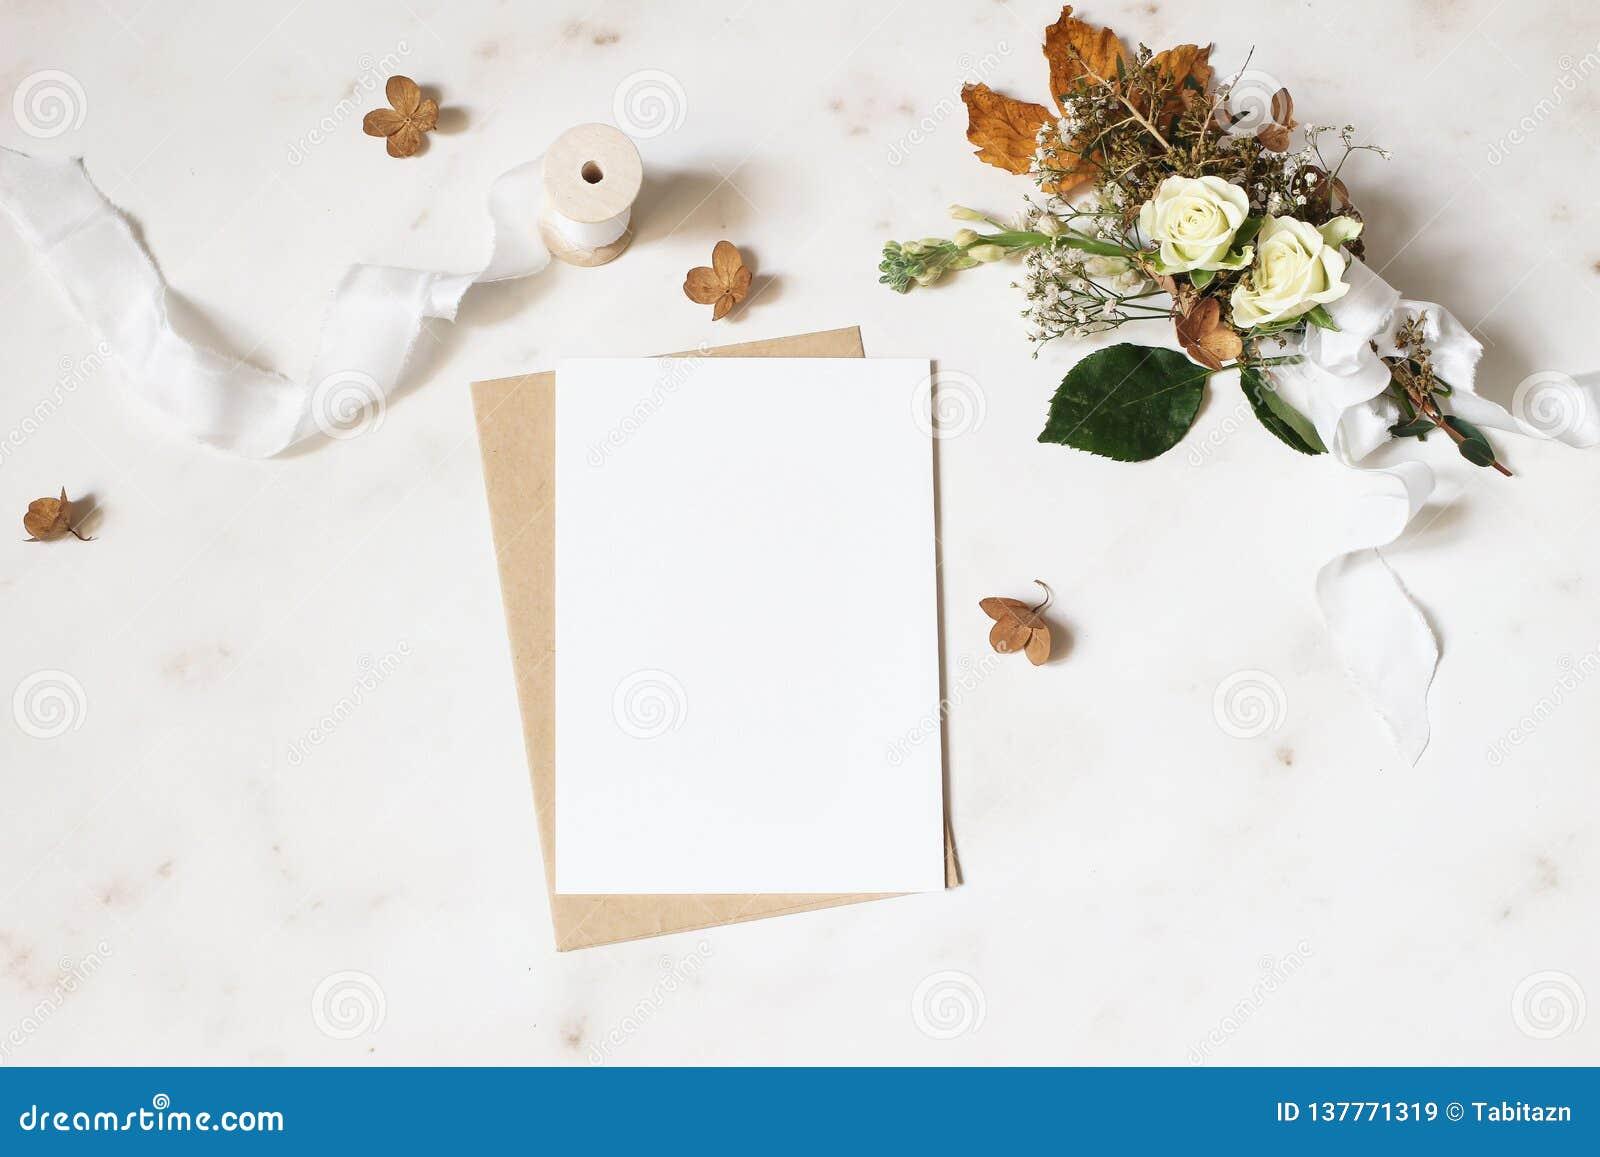 Weibliche Winterhochzeit, Geburtstagsbriefpapier-Modellszene Leere Grußkarte, Umschlag Trockene Hortensie, weiße Rosen